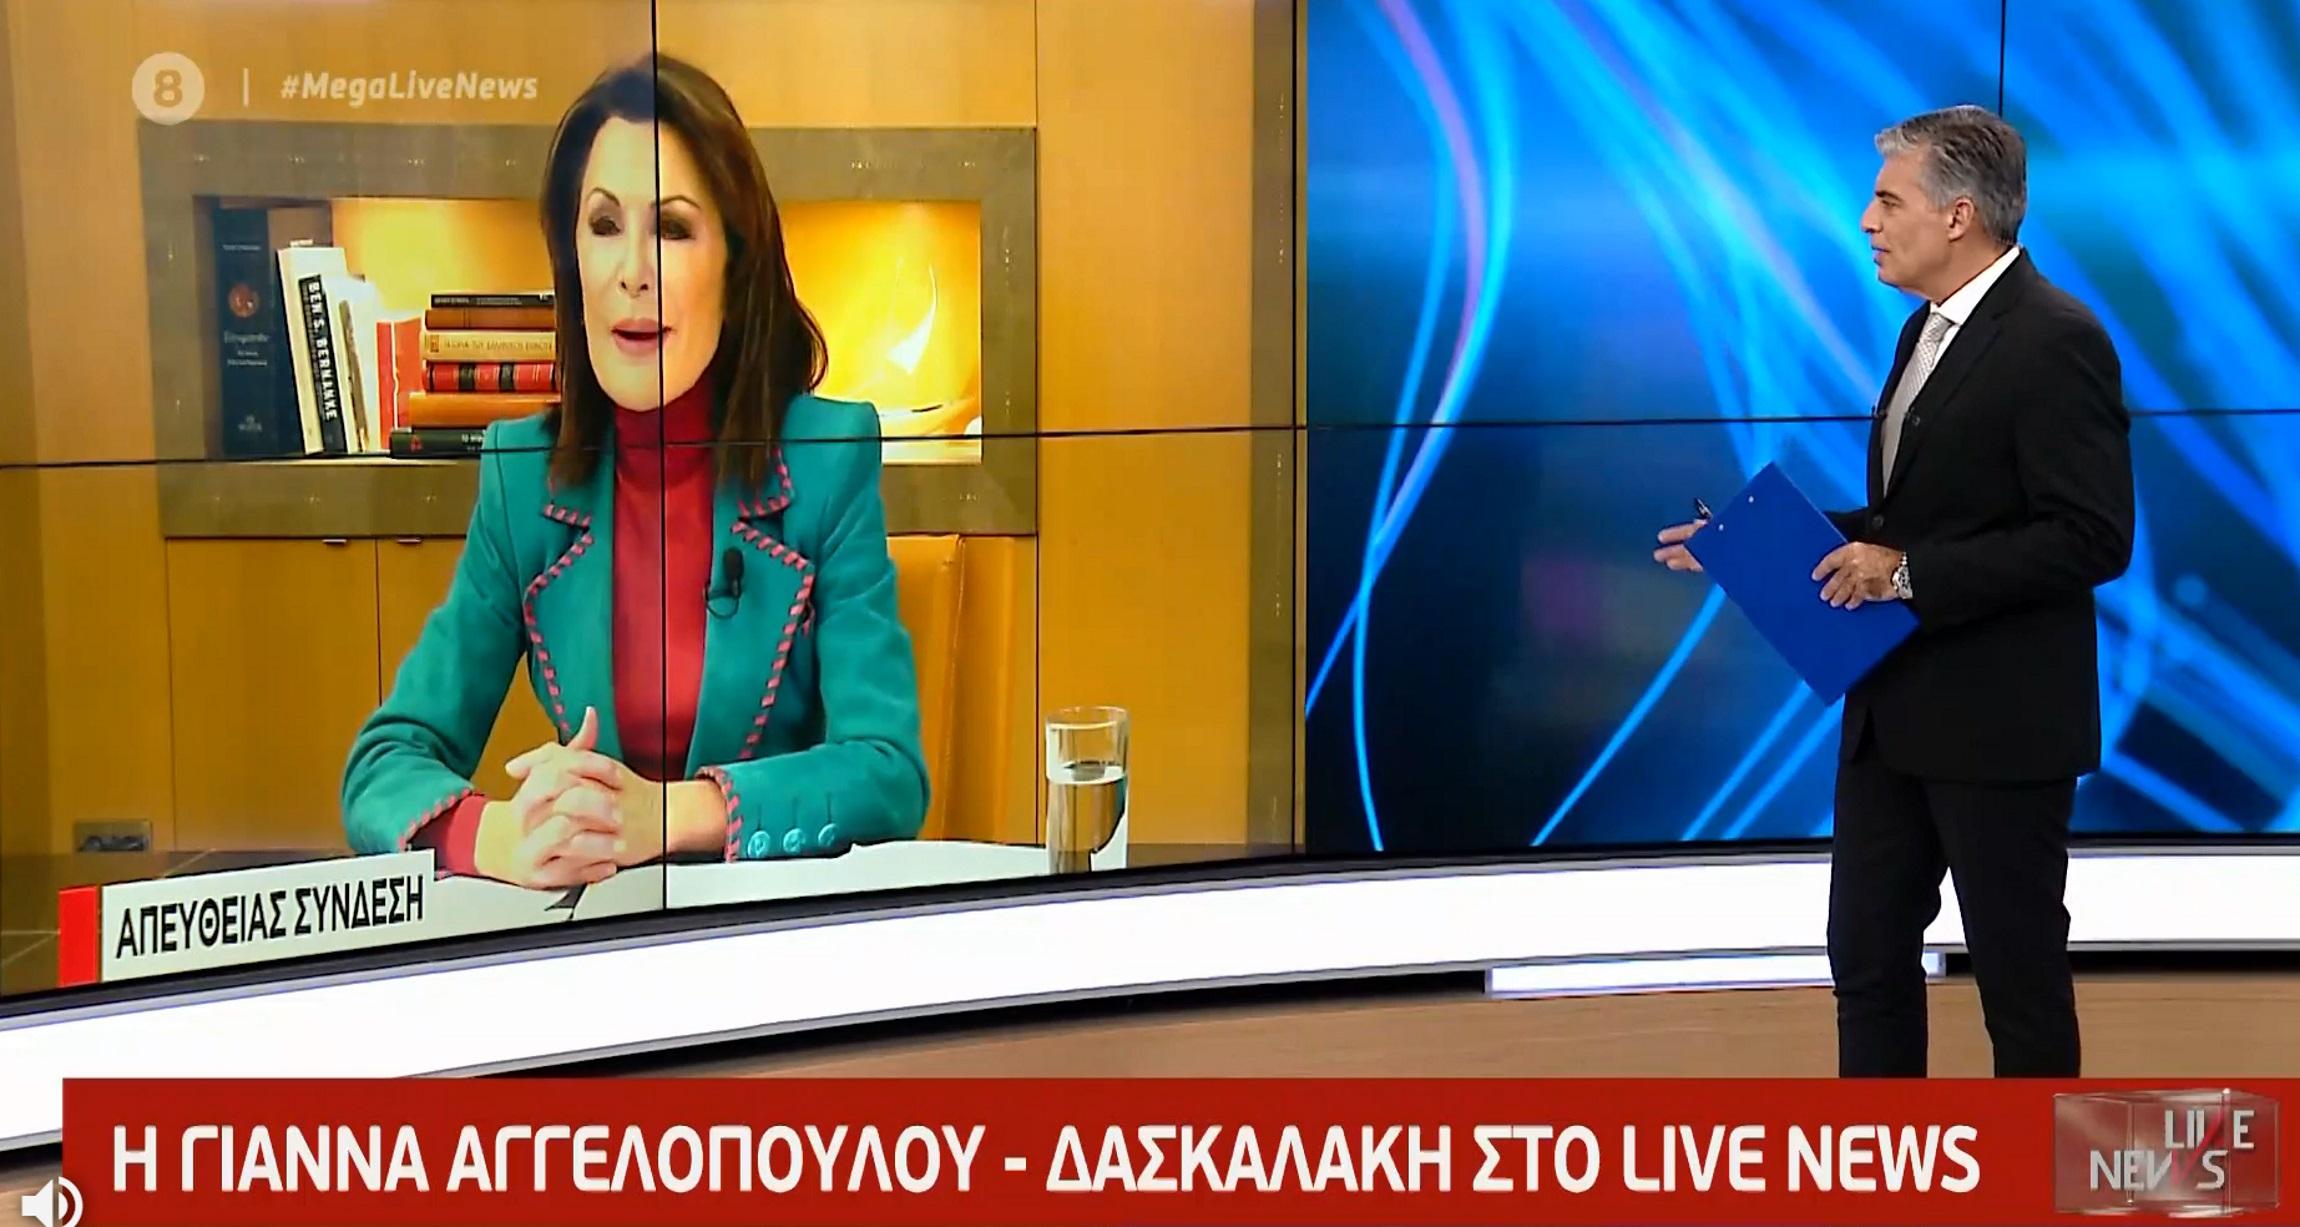 Γιάννα Αγγγελοπούλου - Δασκαλάκη